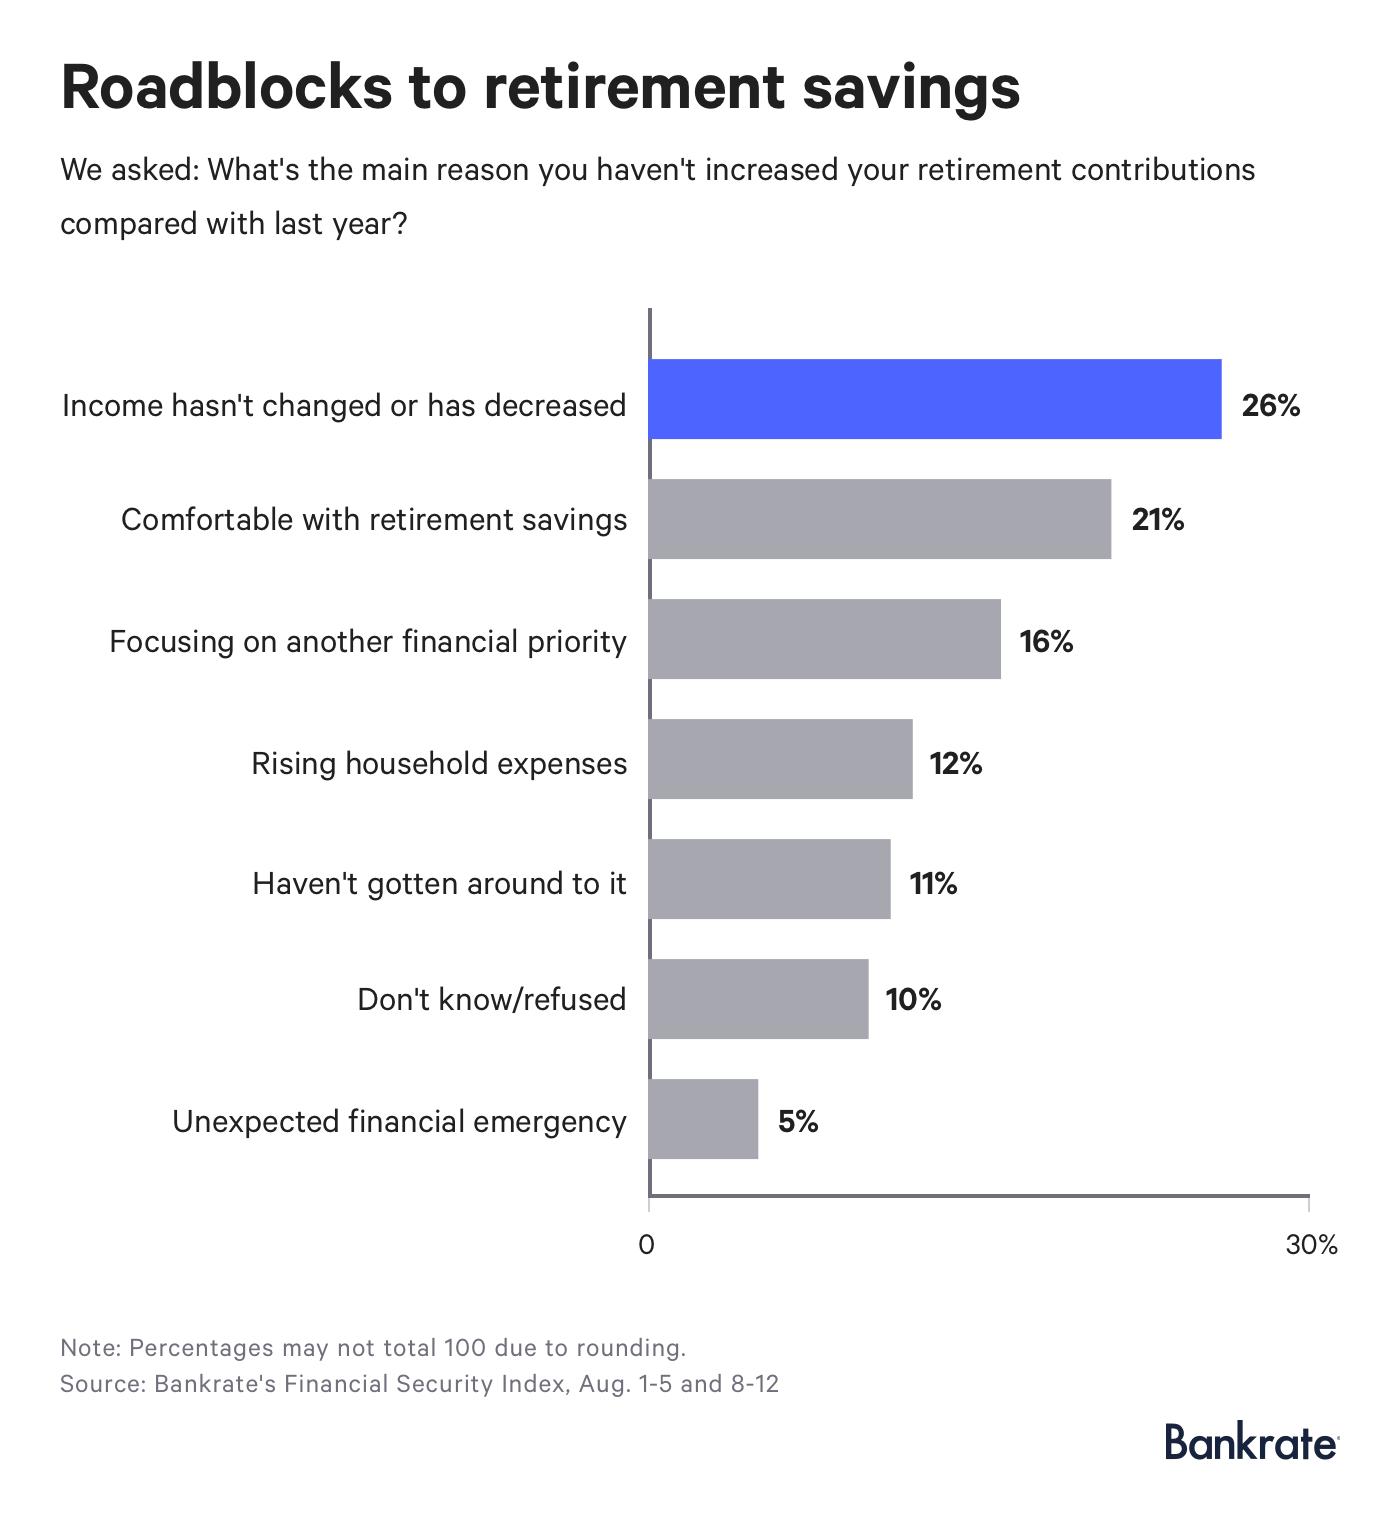 Roadblock to retirement savings